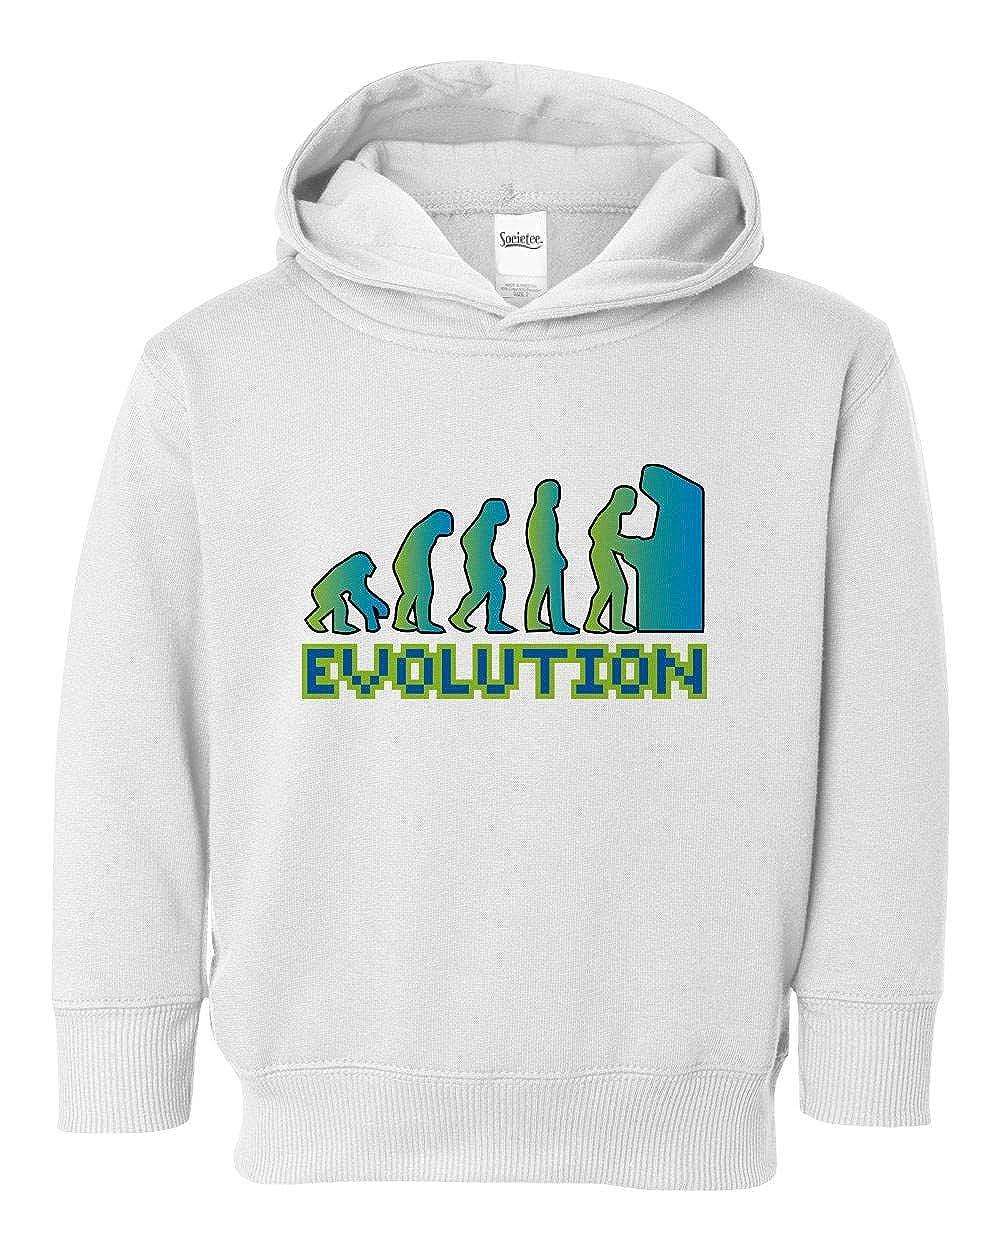 Societee Gamer Evolution Girls Boys Toddler Hooded Sweatshirt